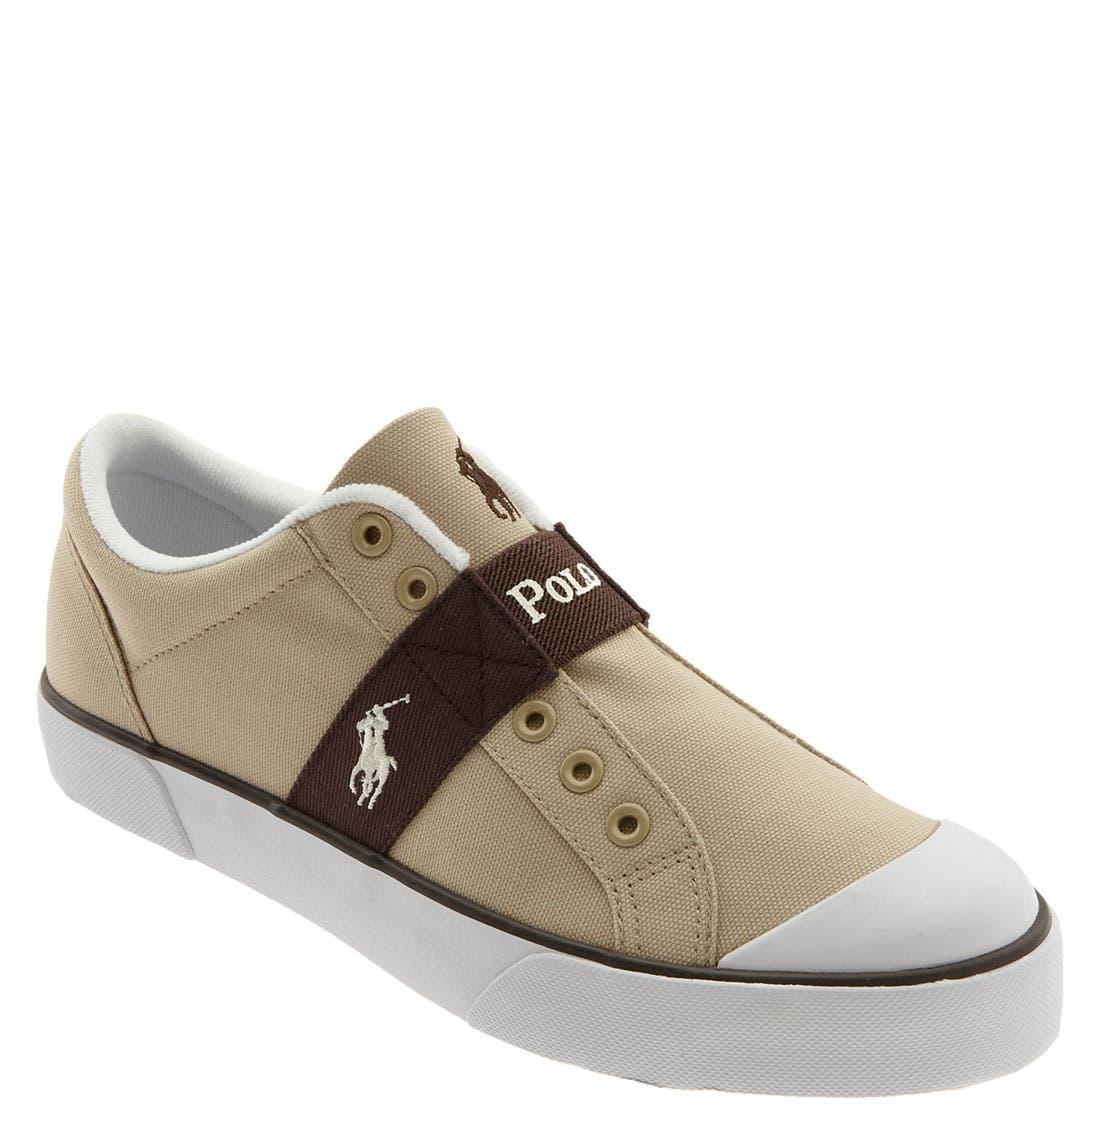 Alternate Image 1 Selected - Polo Ralph Lauren 'Gardener' Slip-On Sneaker